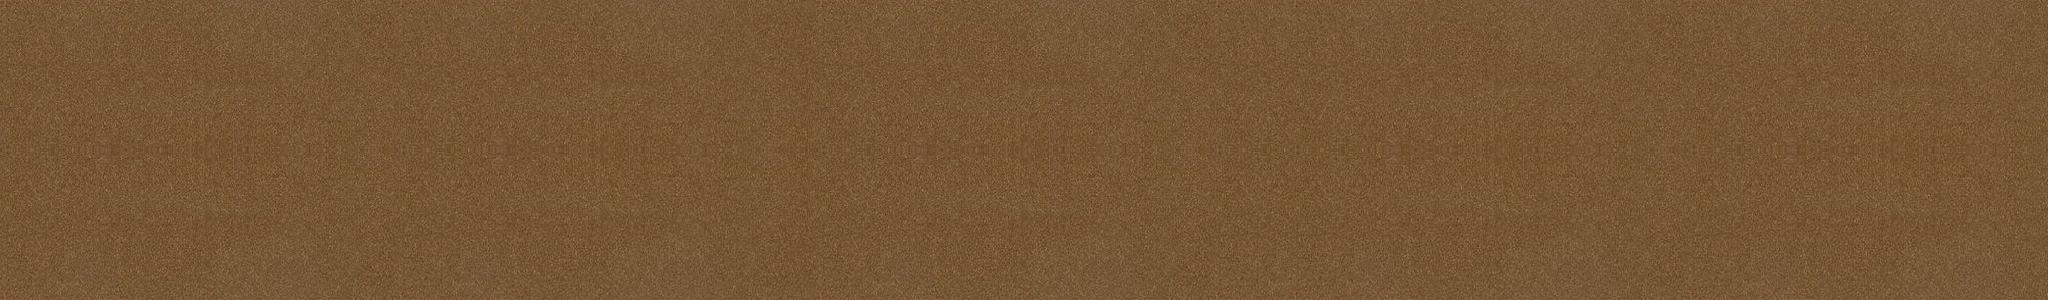 HD 29453 ABS hrana metalika měď hladká lesk 90°